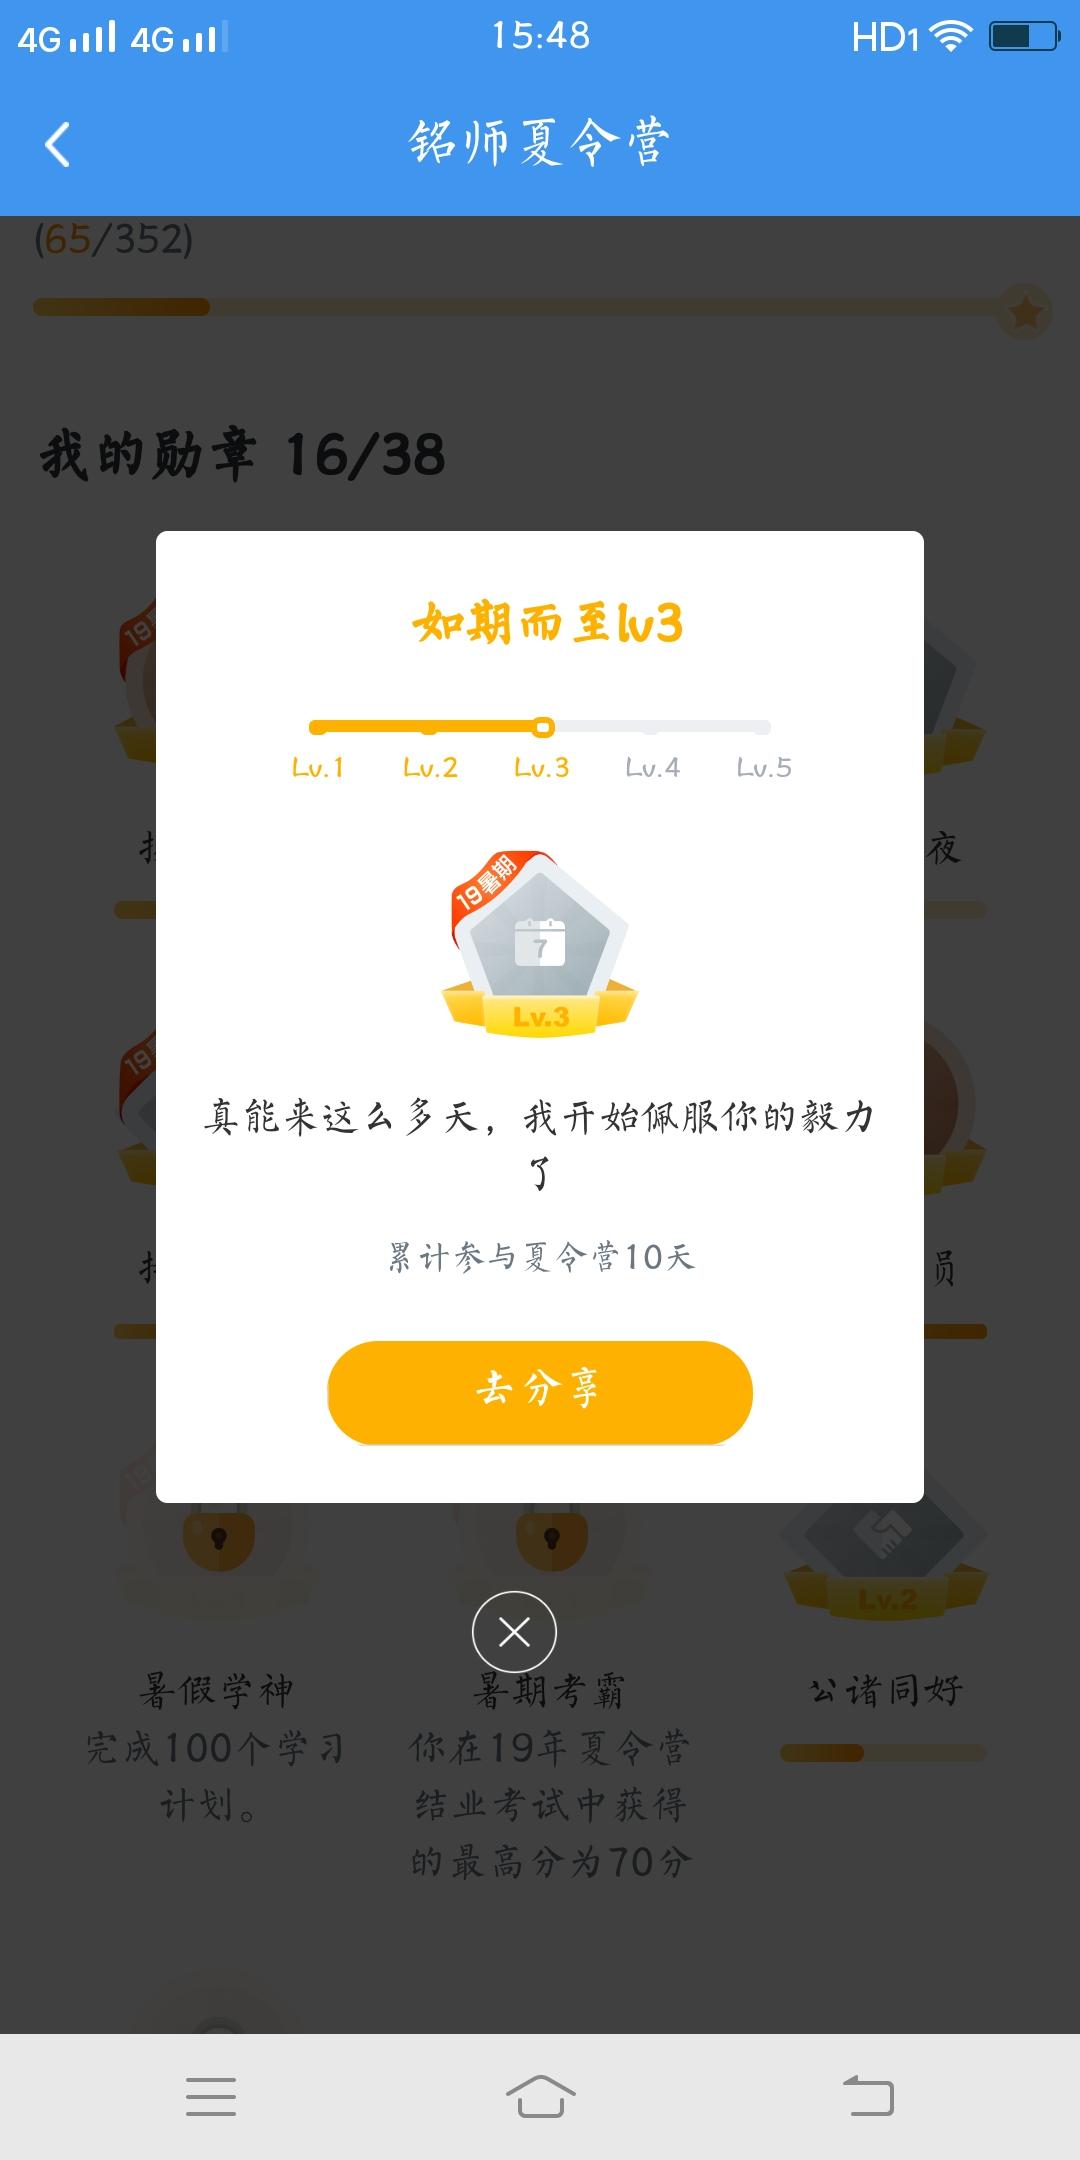 Screenshot_20190712_154832.jpg